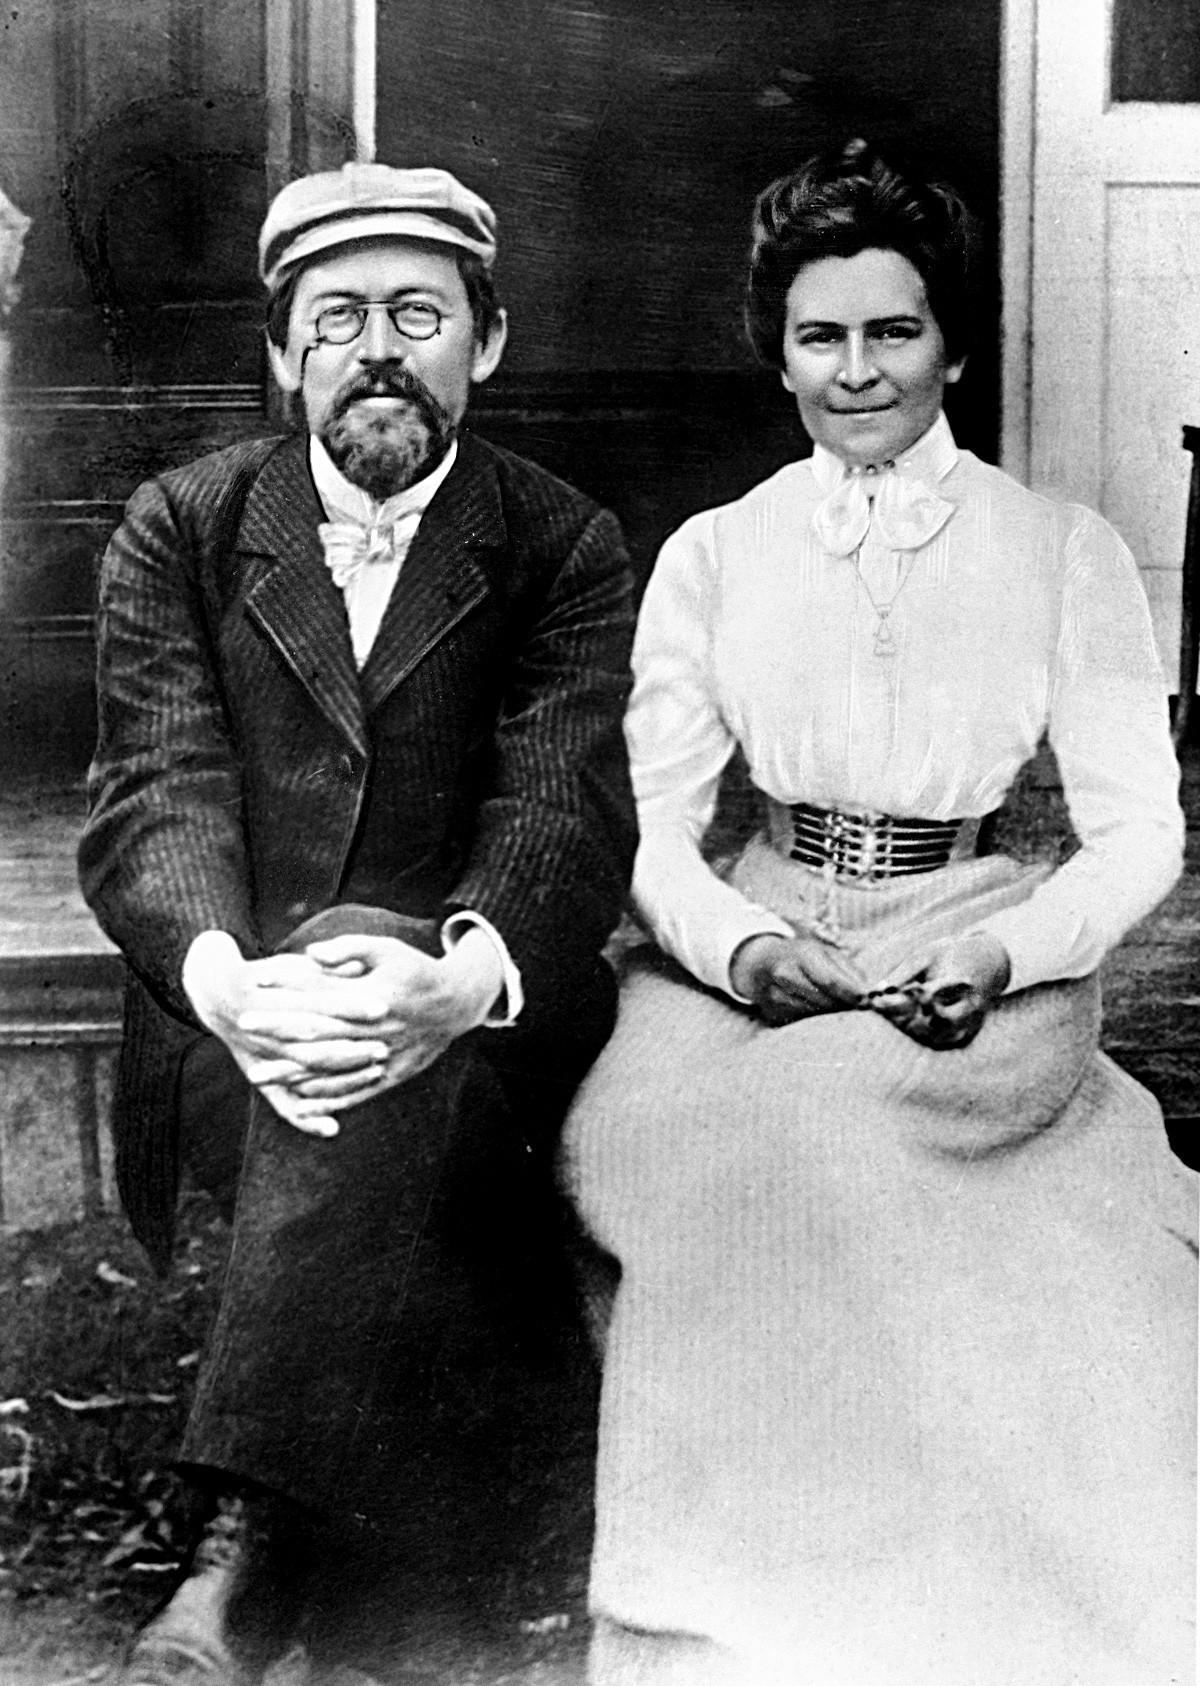 Reprodukcija fotografije ruskog pisca Antona Čehova i njegove žene, glumice Olge Knipper-Čehove.